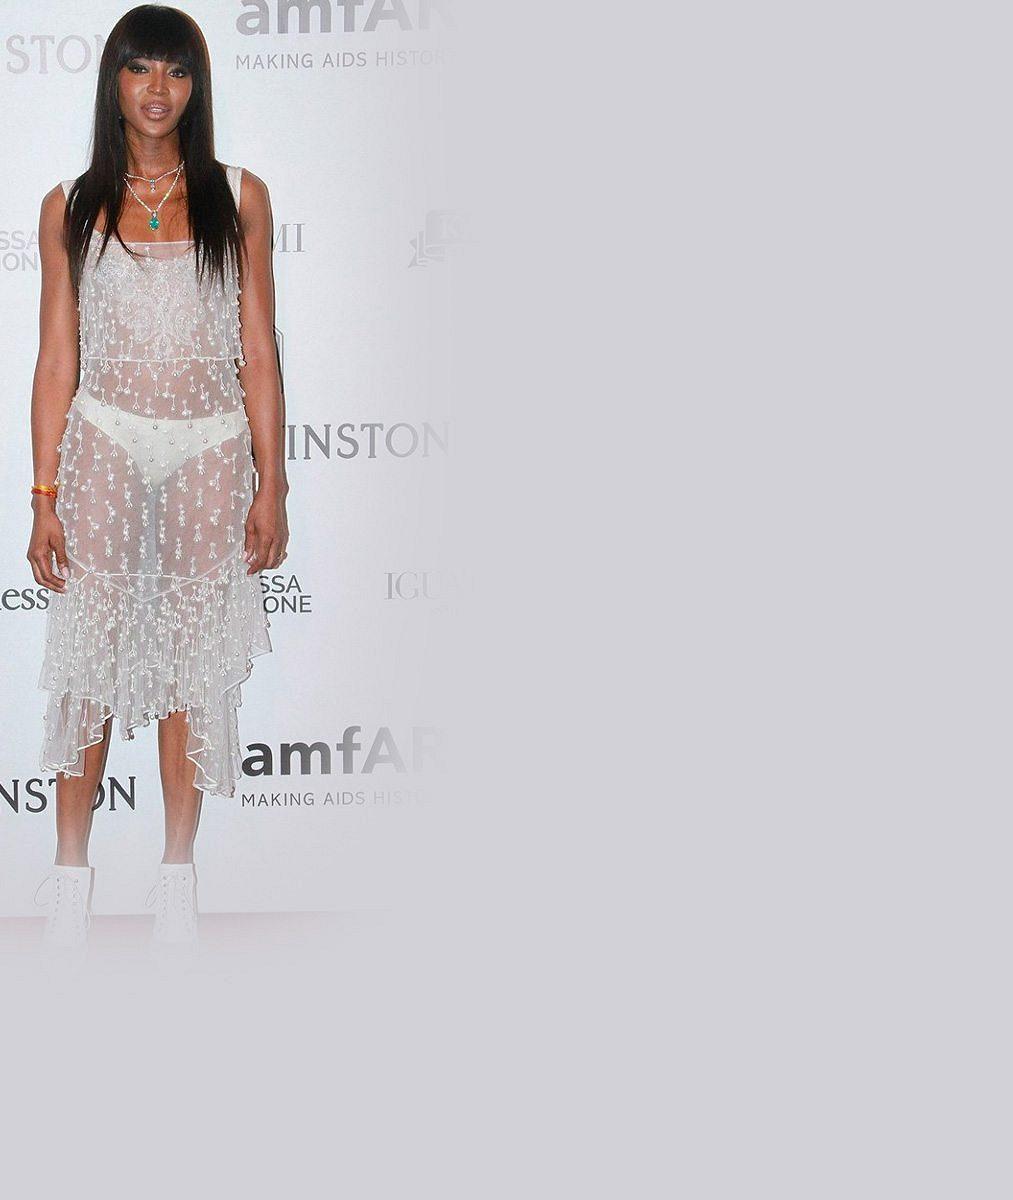 Úlet Naomi Campbell: V šatech za nehoráznou cenu jí prosvítalo všechno včetně kalhotek